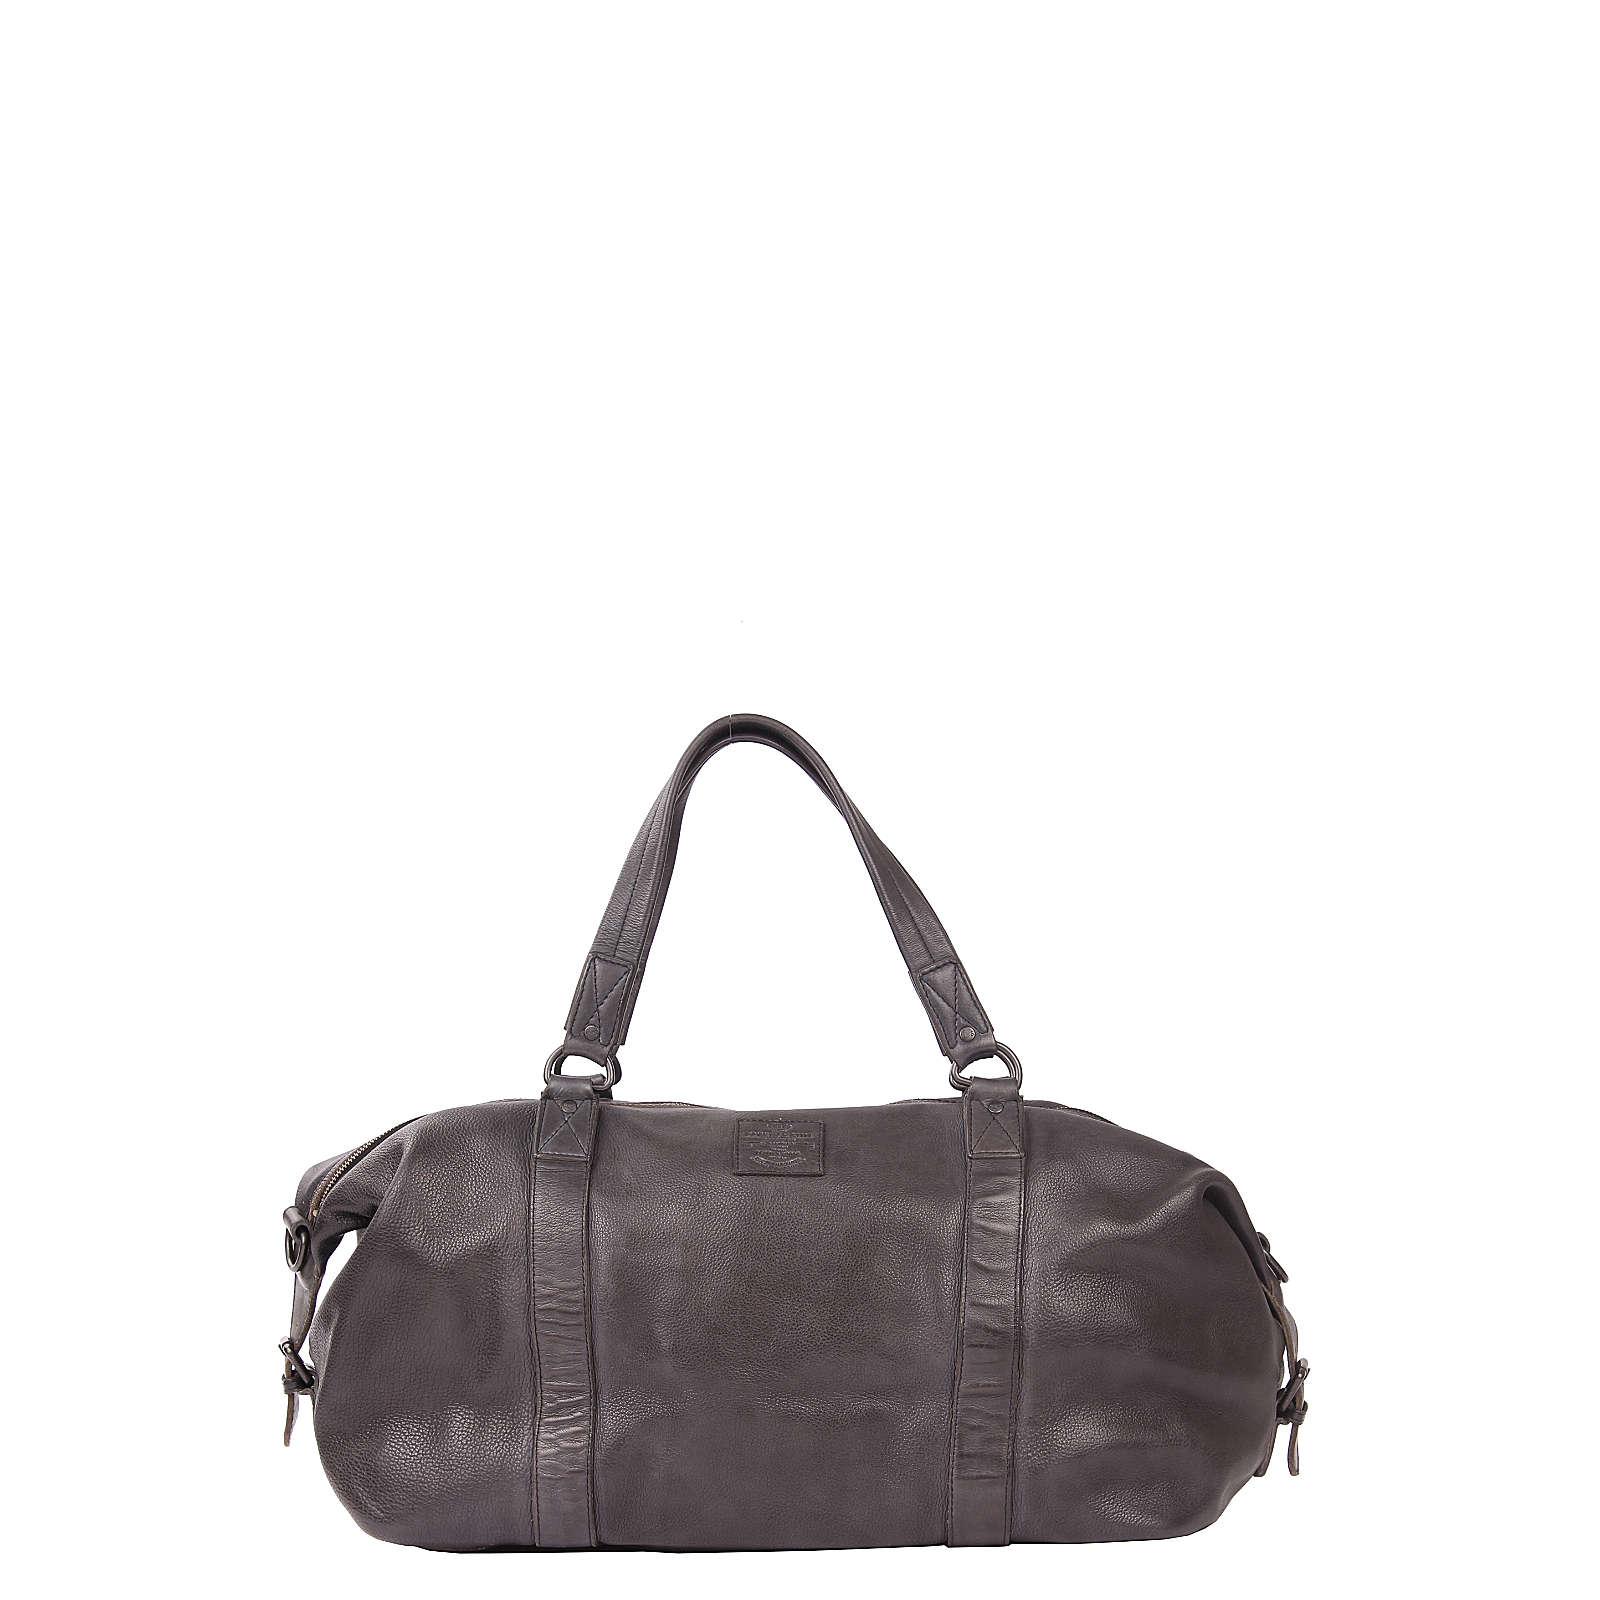 Presly & Sun Reisetasche Reisetaschen dunkelgrau Herren